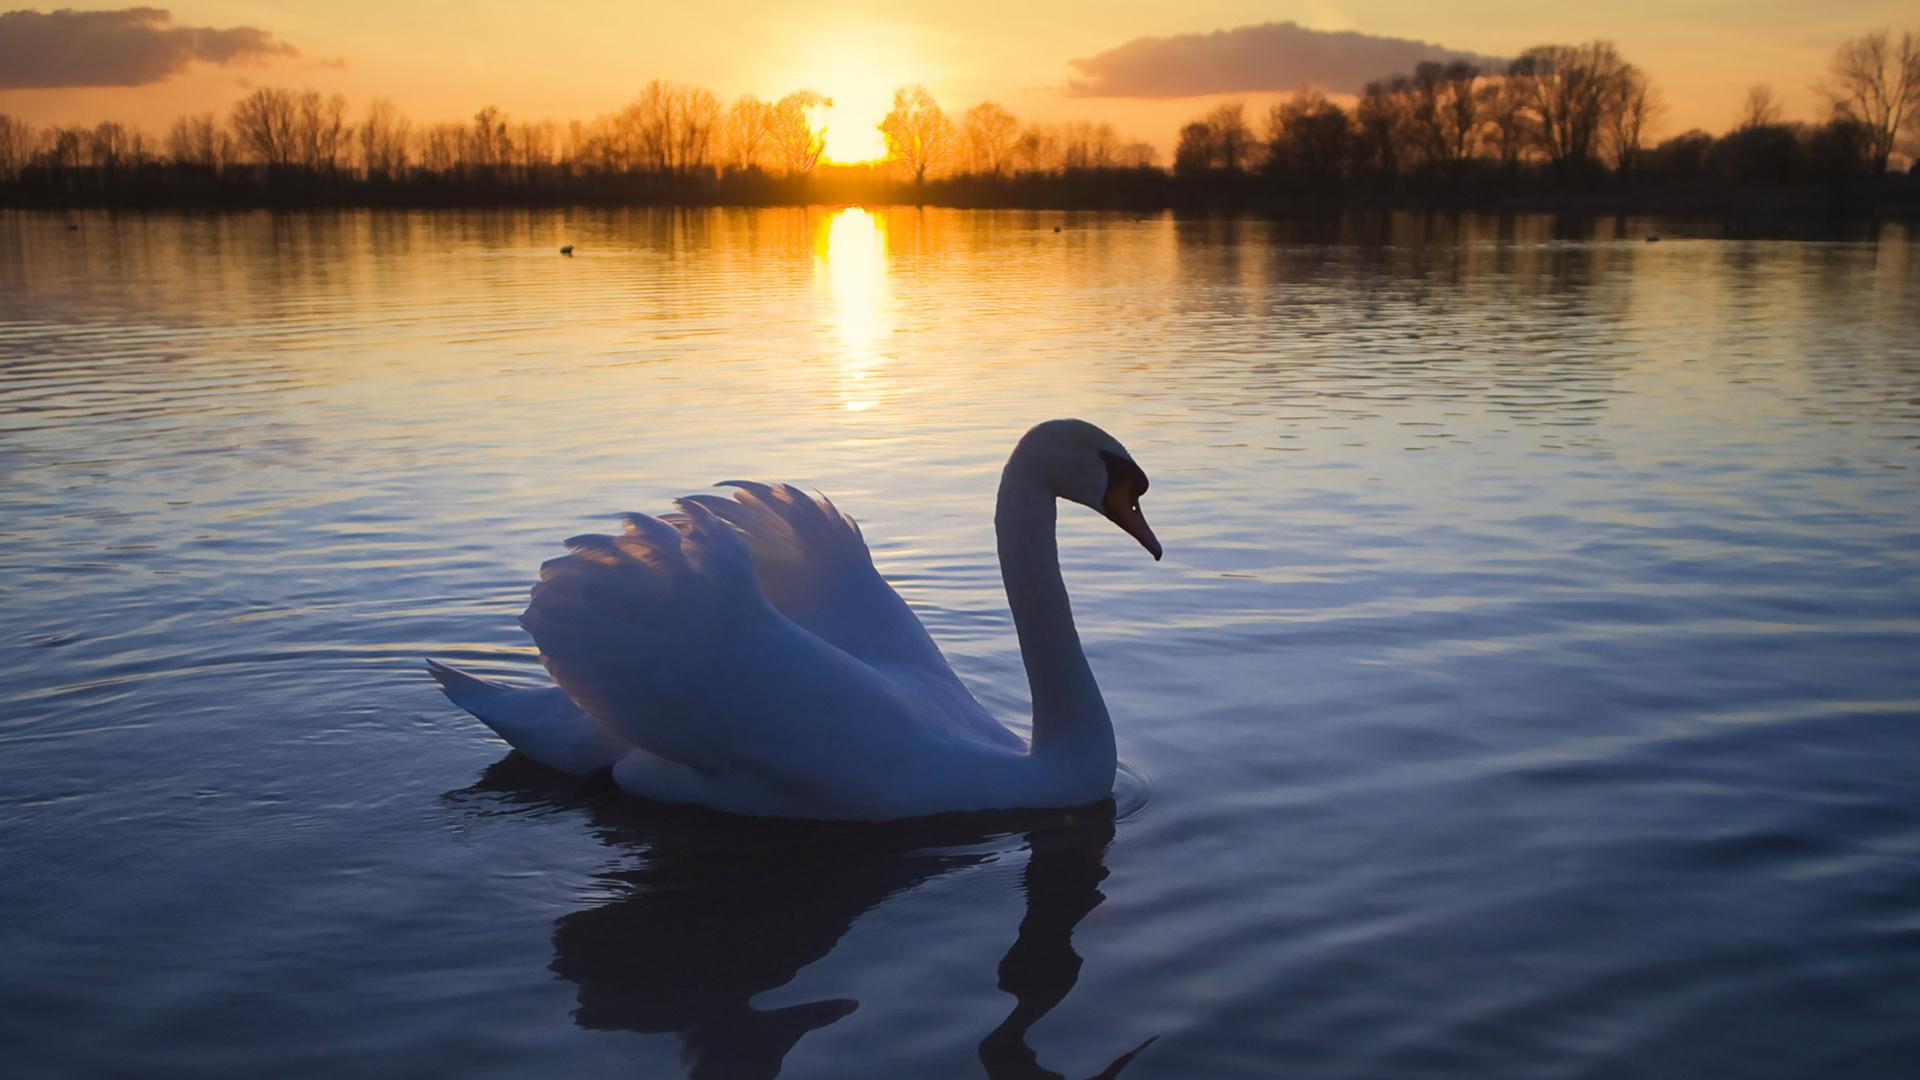 Открытка свадьбы, картинки лебеди на озере любовь